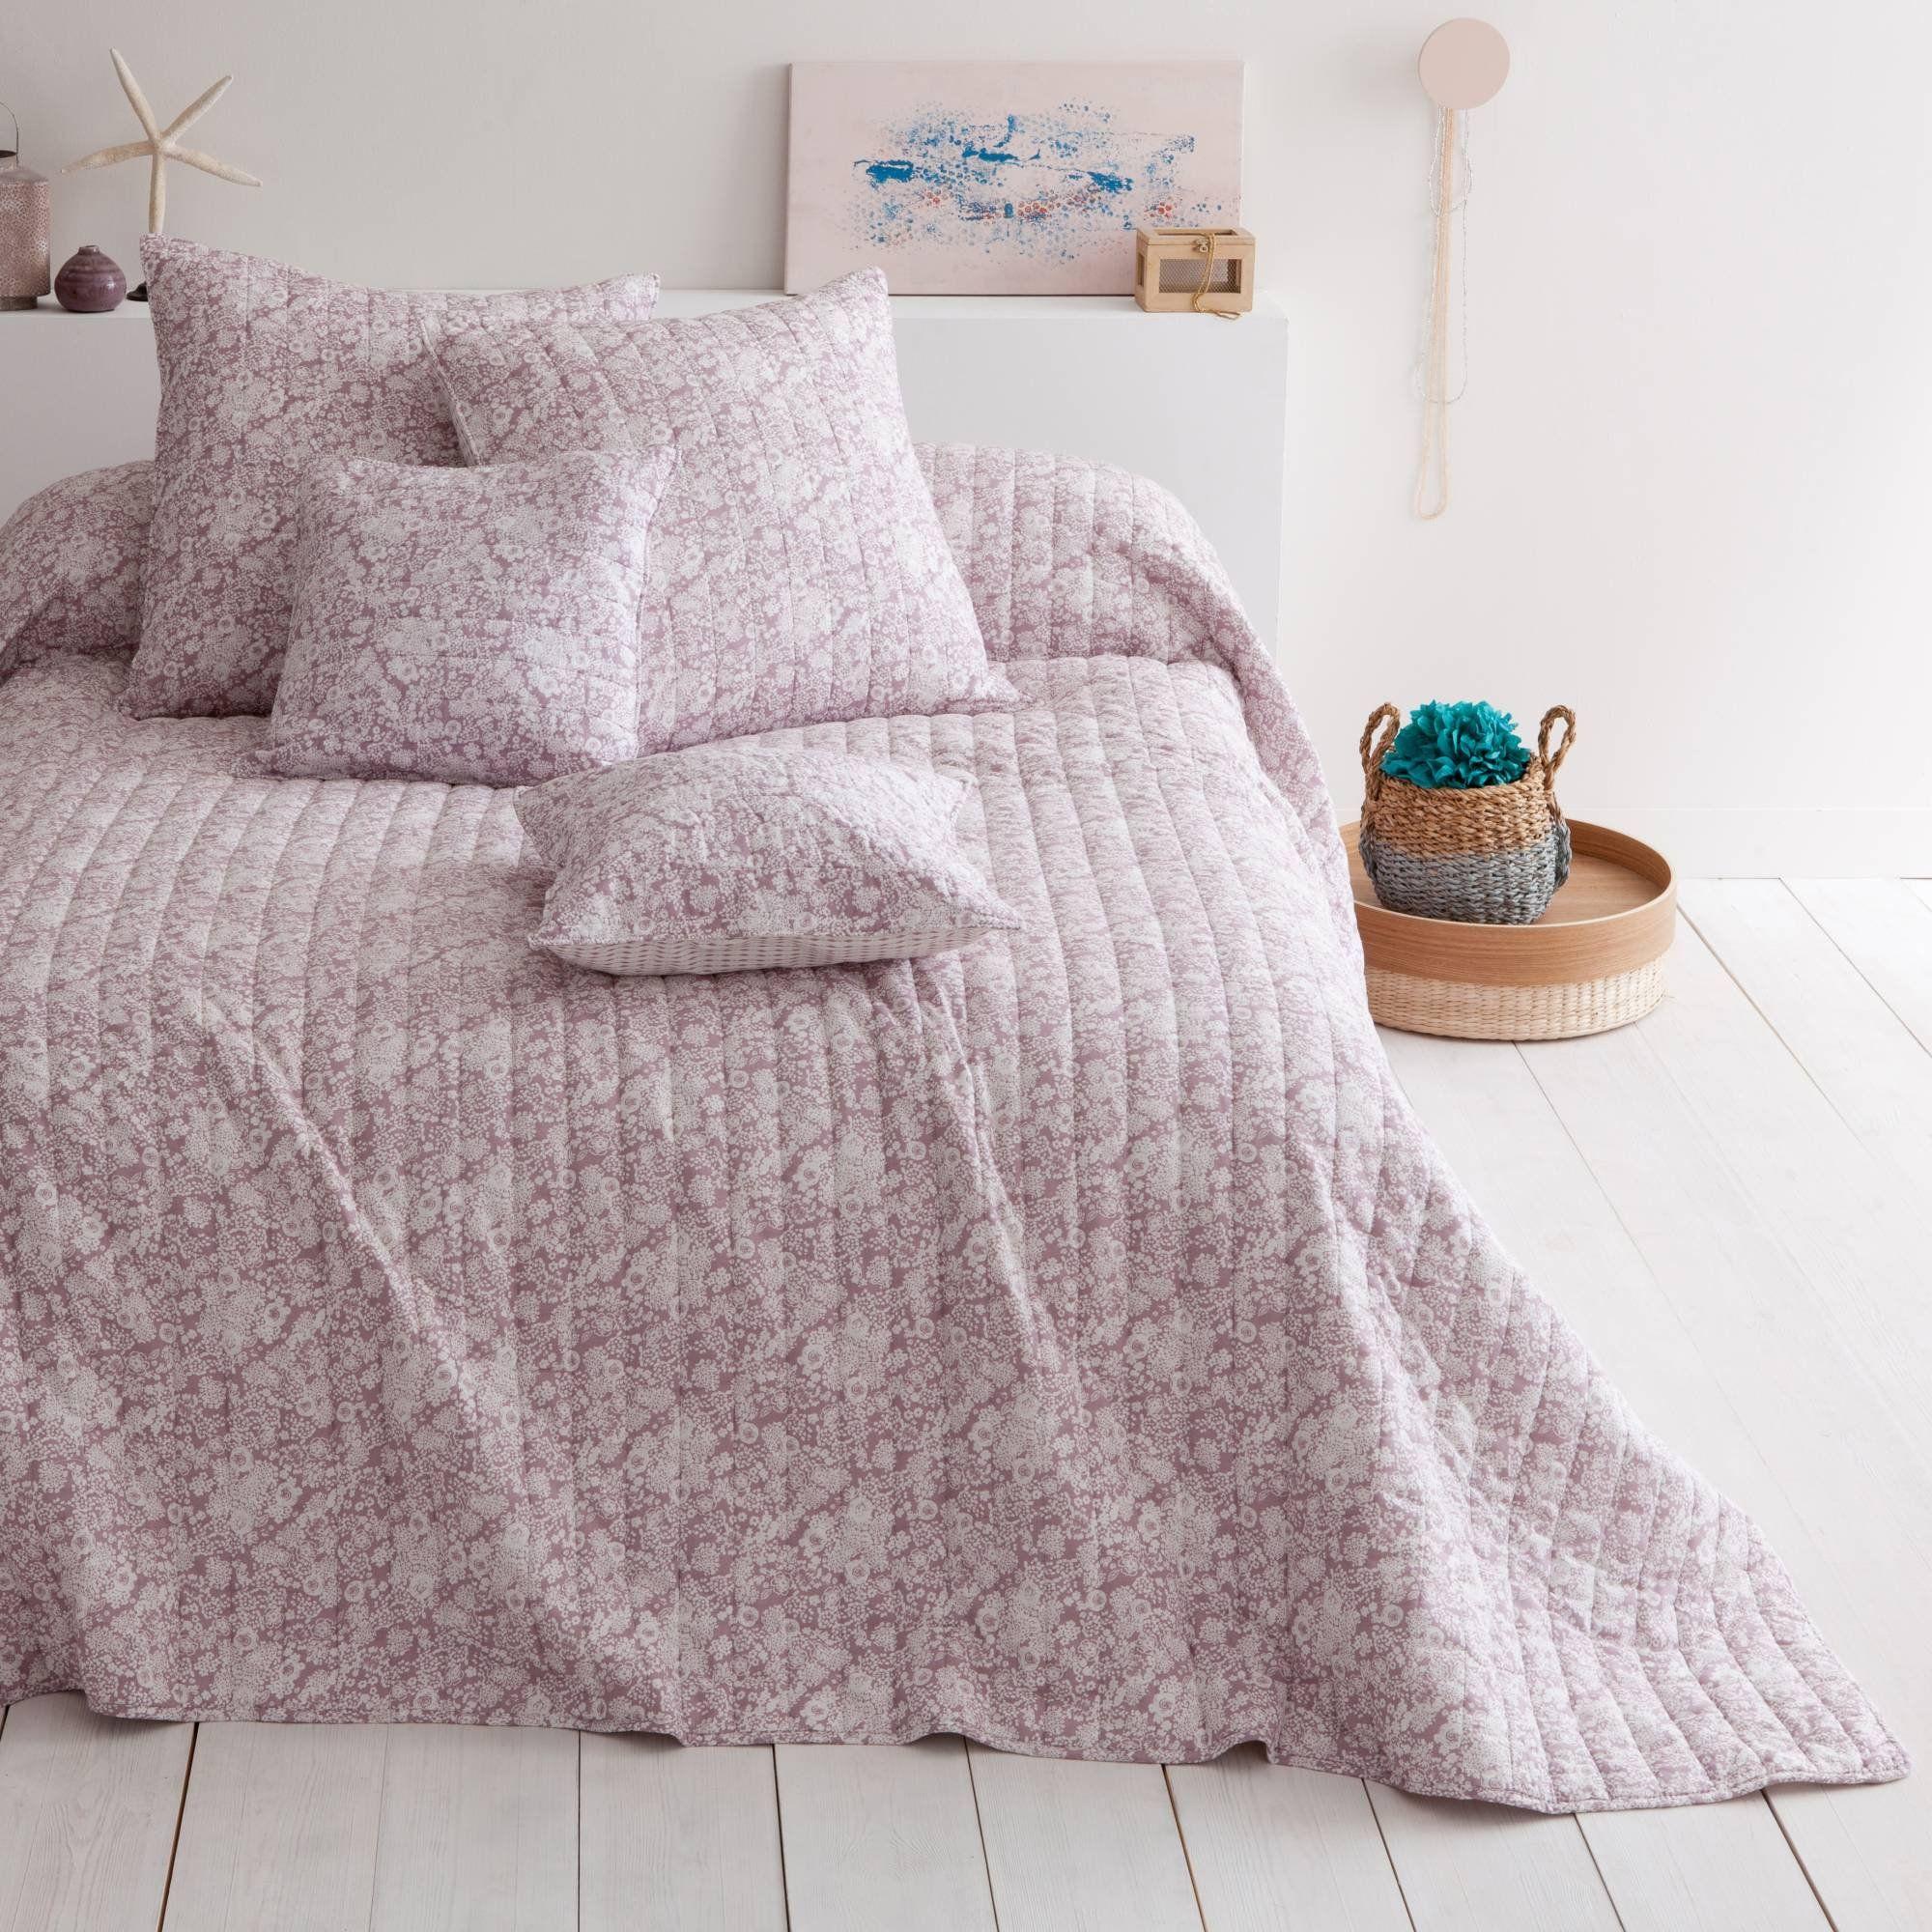 plaid ou couvre lit boutis coton gaya rose poudre harmony confort et charme du piquage boutis. Black Bedroom Furniture Sets. Home Design Ideas